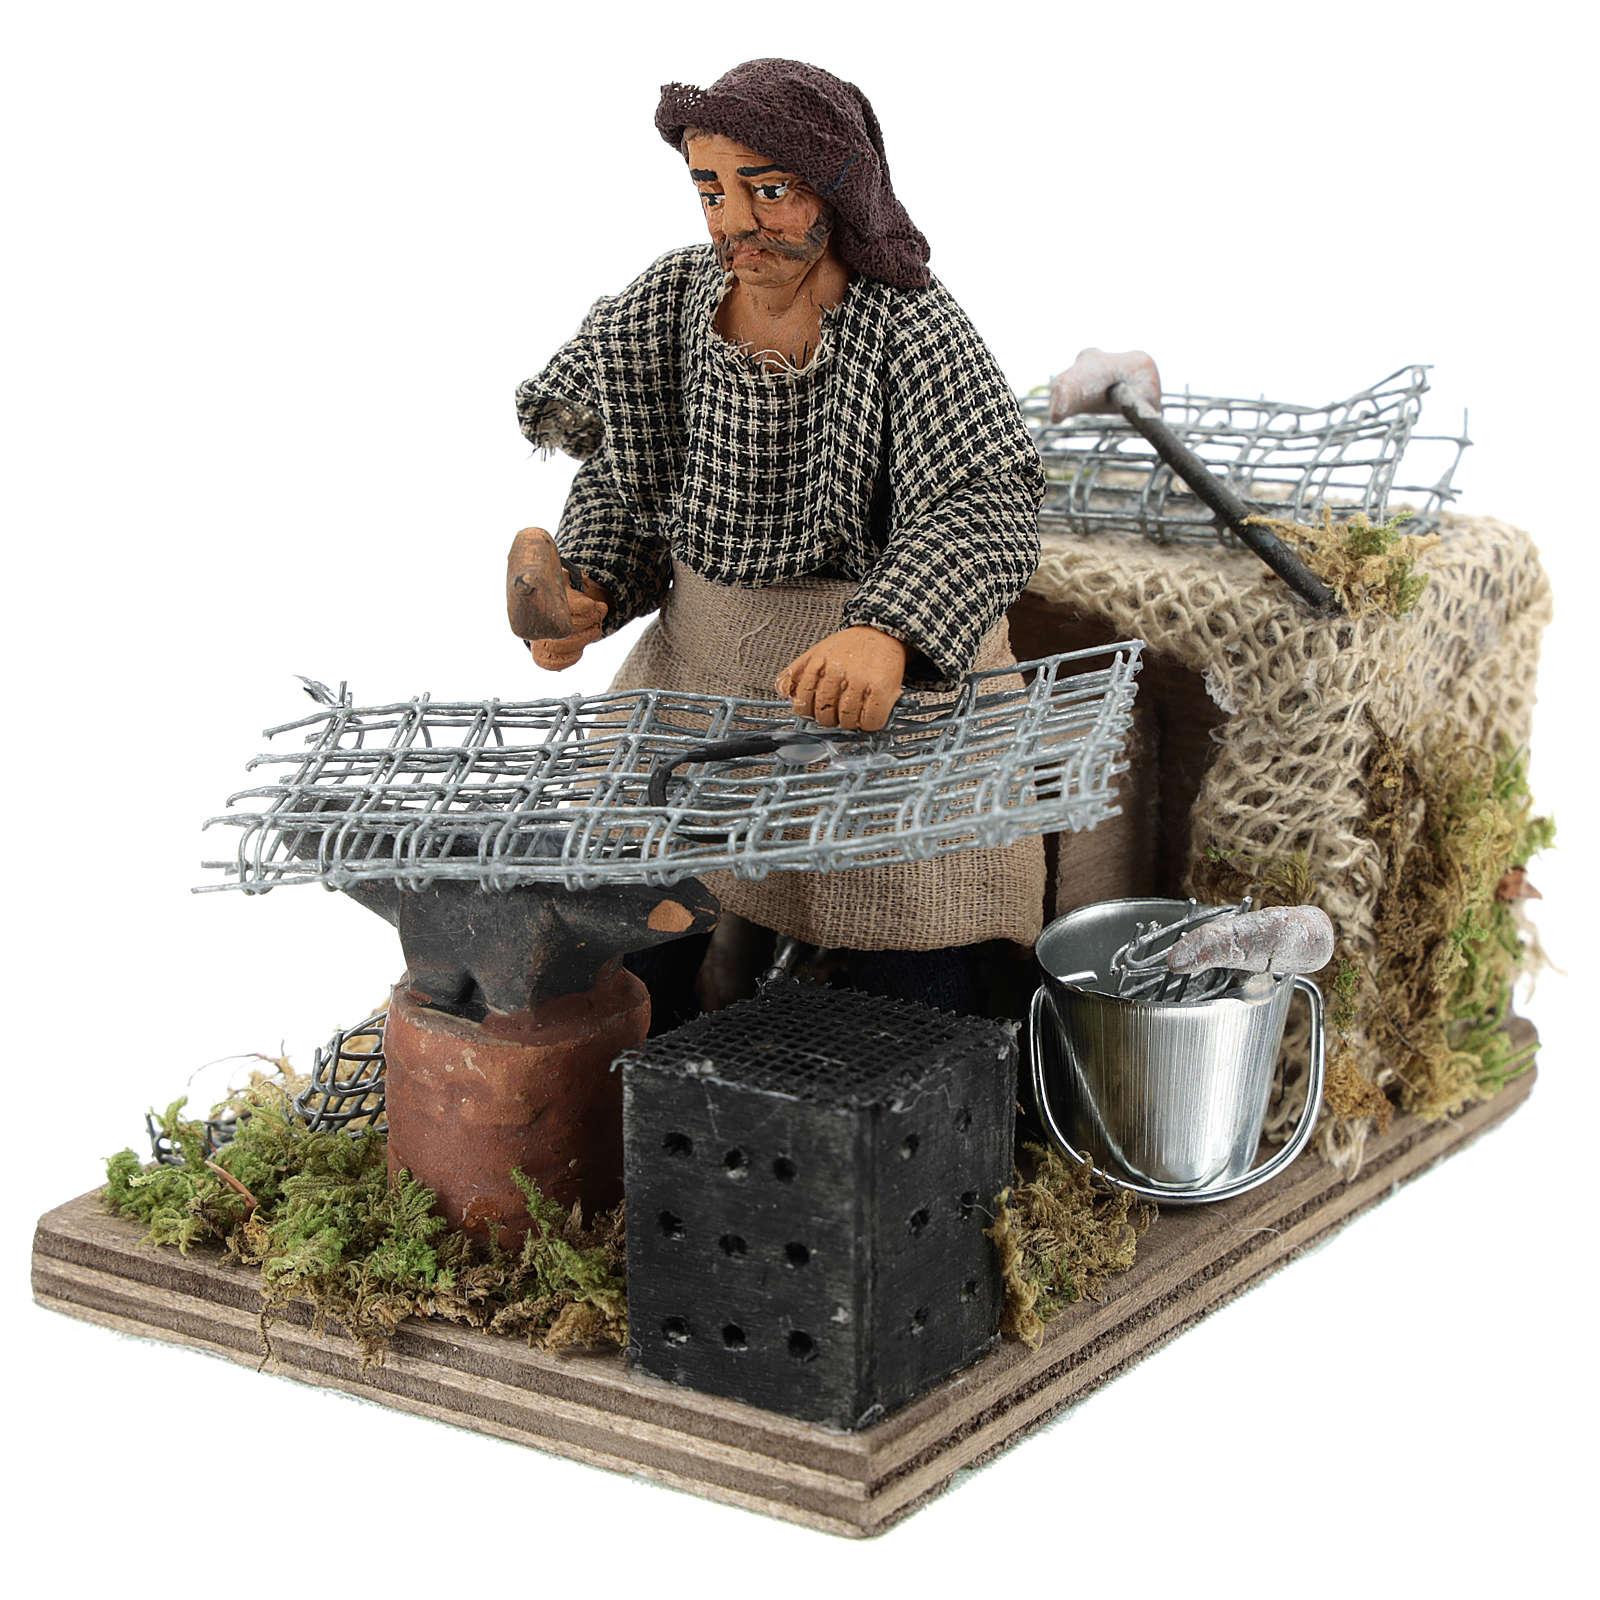 Moving blacksmith 10 cm Neapolitan Nativity Scene 4